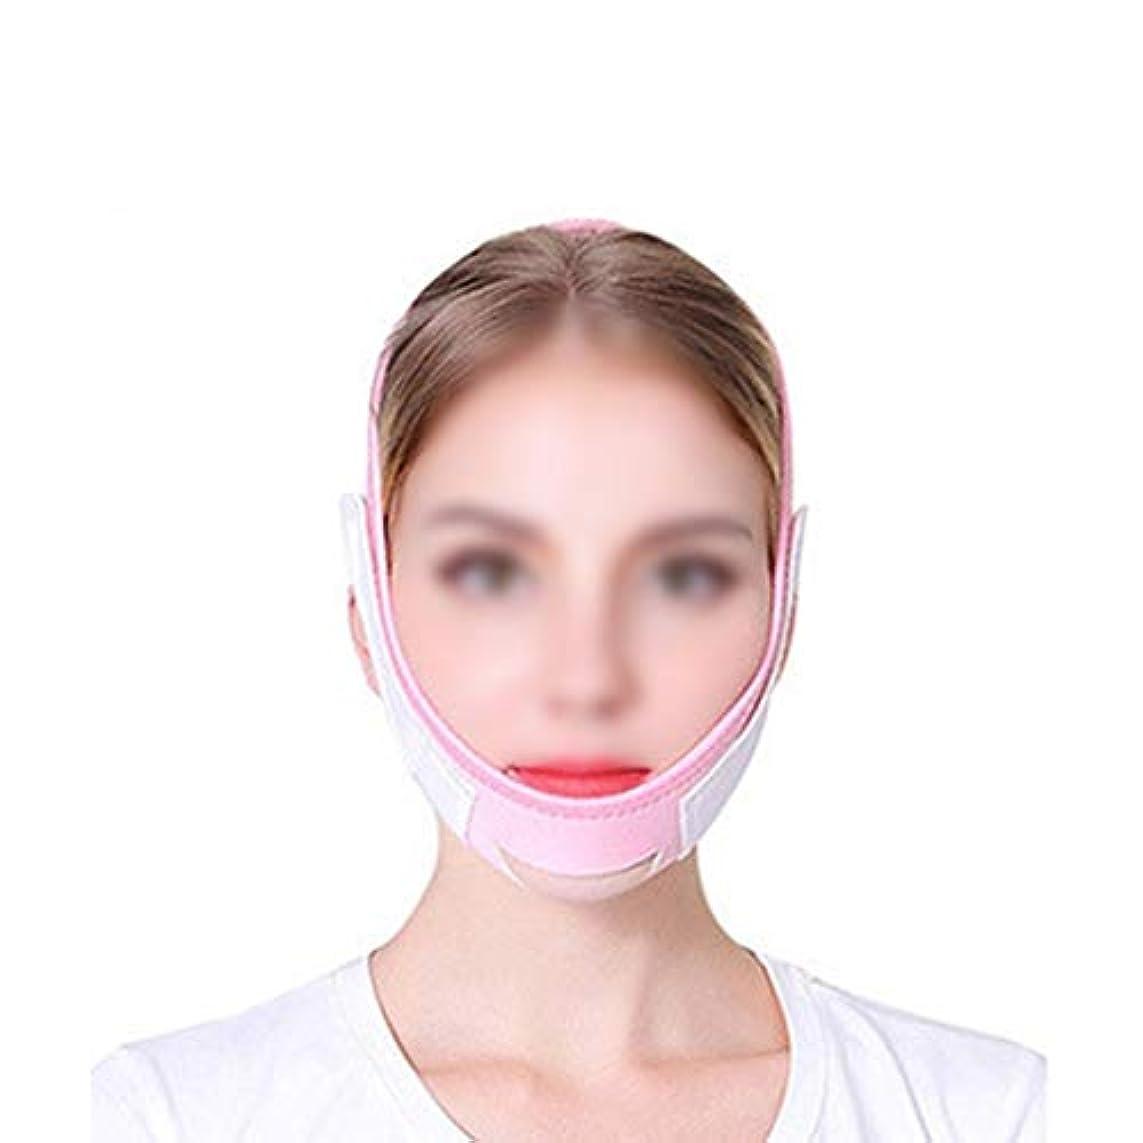 パッチ知っているに立ち寄る六しわ防止フェイシャル減量ベルト、フェイスリフティング包帯、フェイスリフティングマスク、リフティングフェイスバンド、スキンバンデージ(フリーサイズ) (Color : Powder white)